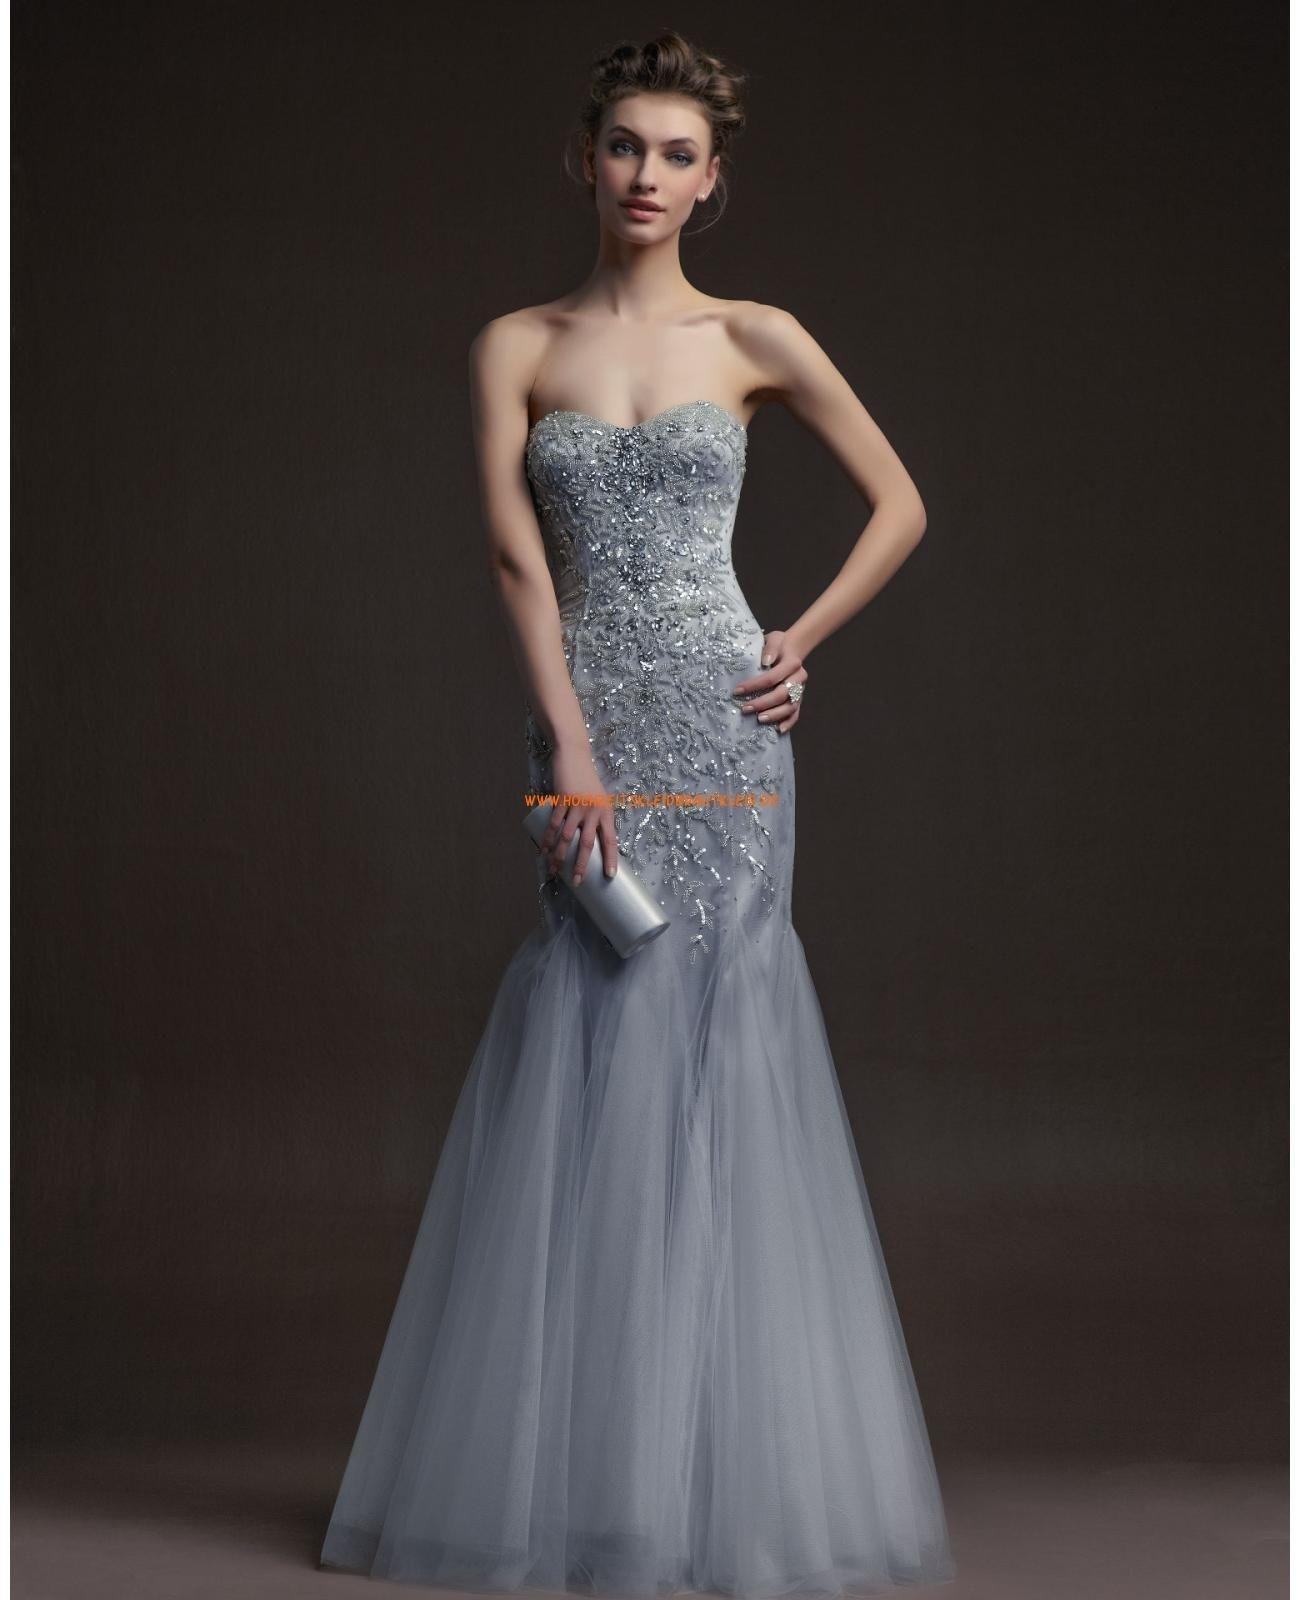 Luxurius Weiße Abendkleider Lang Günstig GalerieFormal Schön Weiße Abendkleider Lang Günstig Spezialgebiet